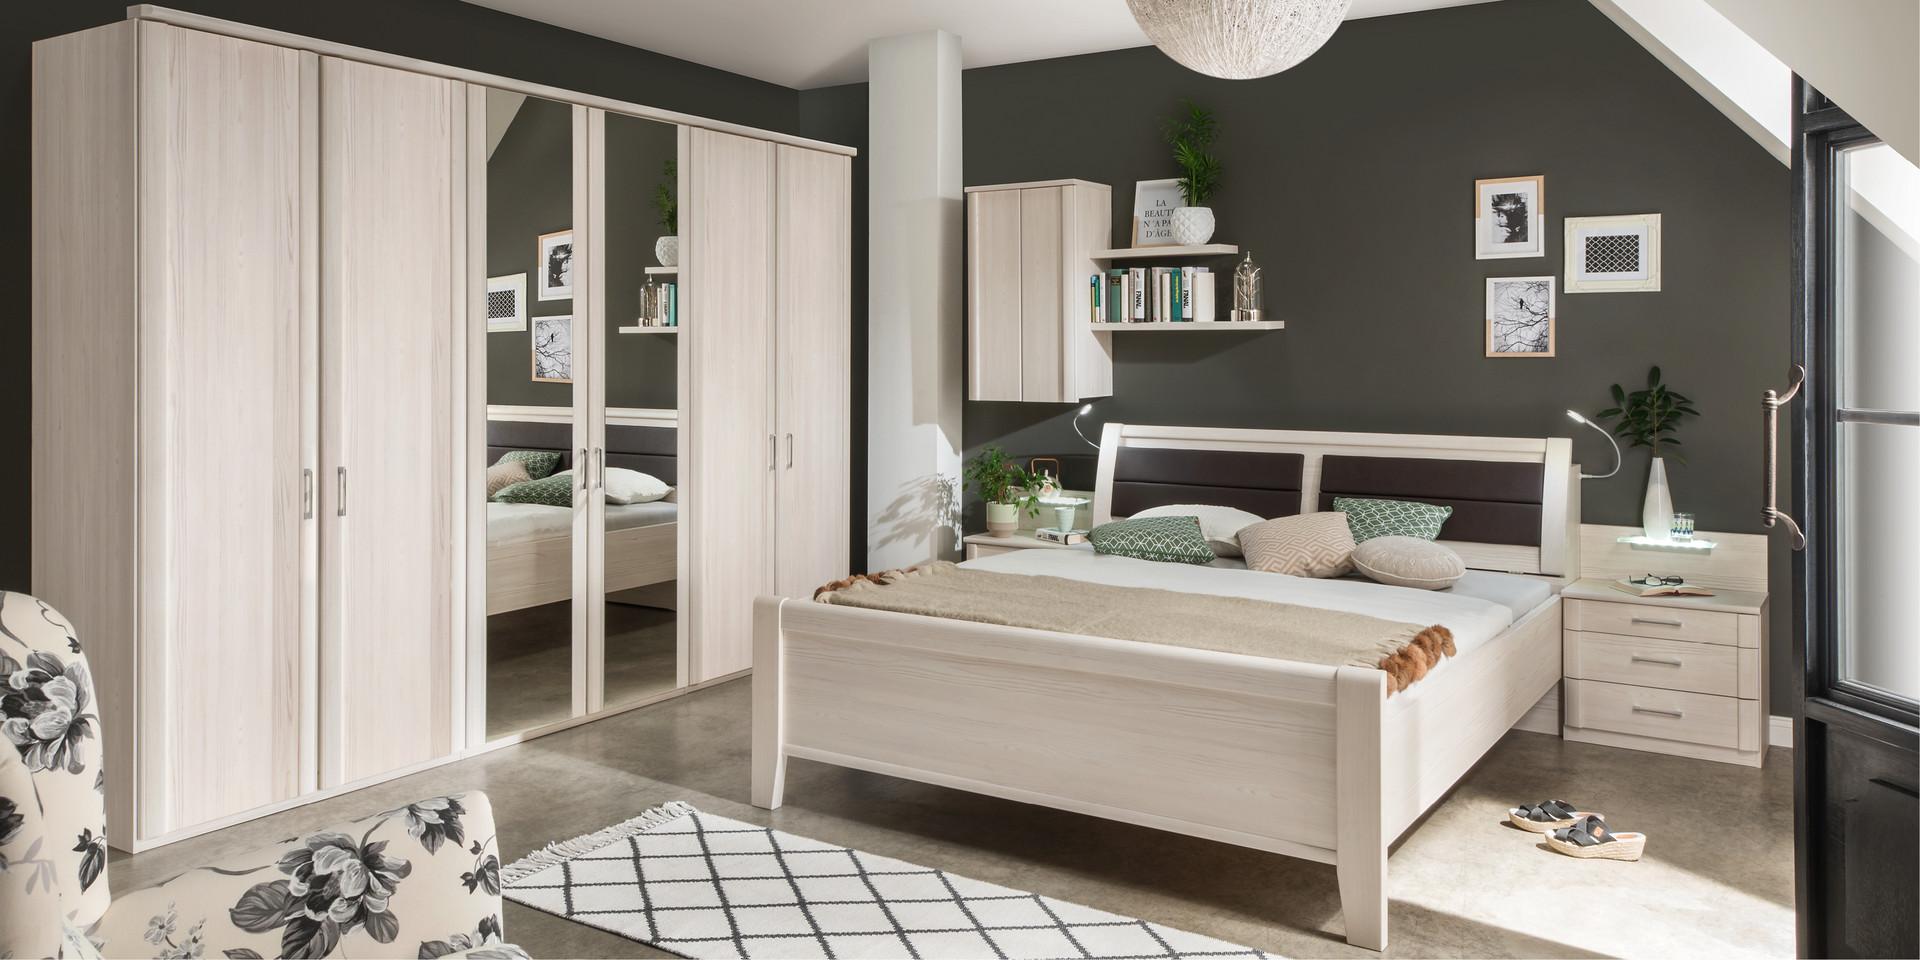 Gut Luxor 3+4 » Erfrischend Vielseitig, überraschend Anders. Schlafzimmer ...